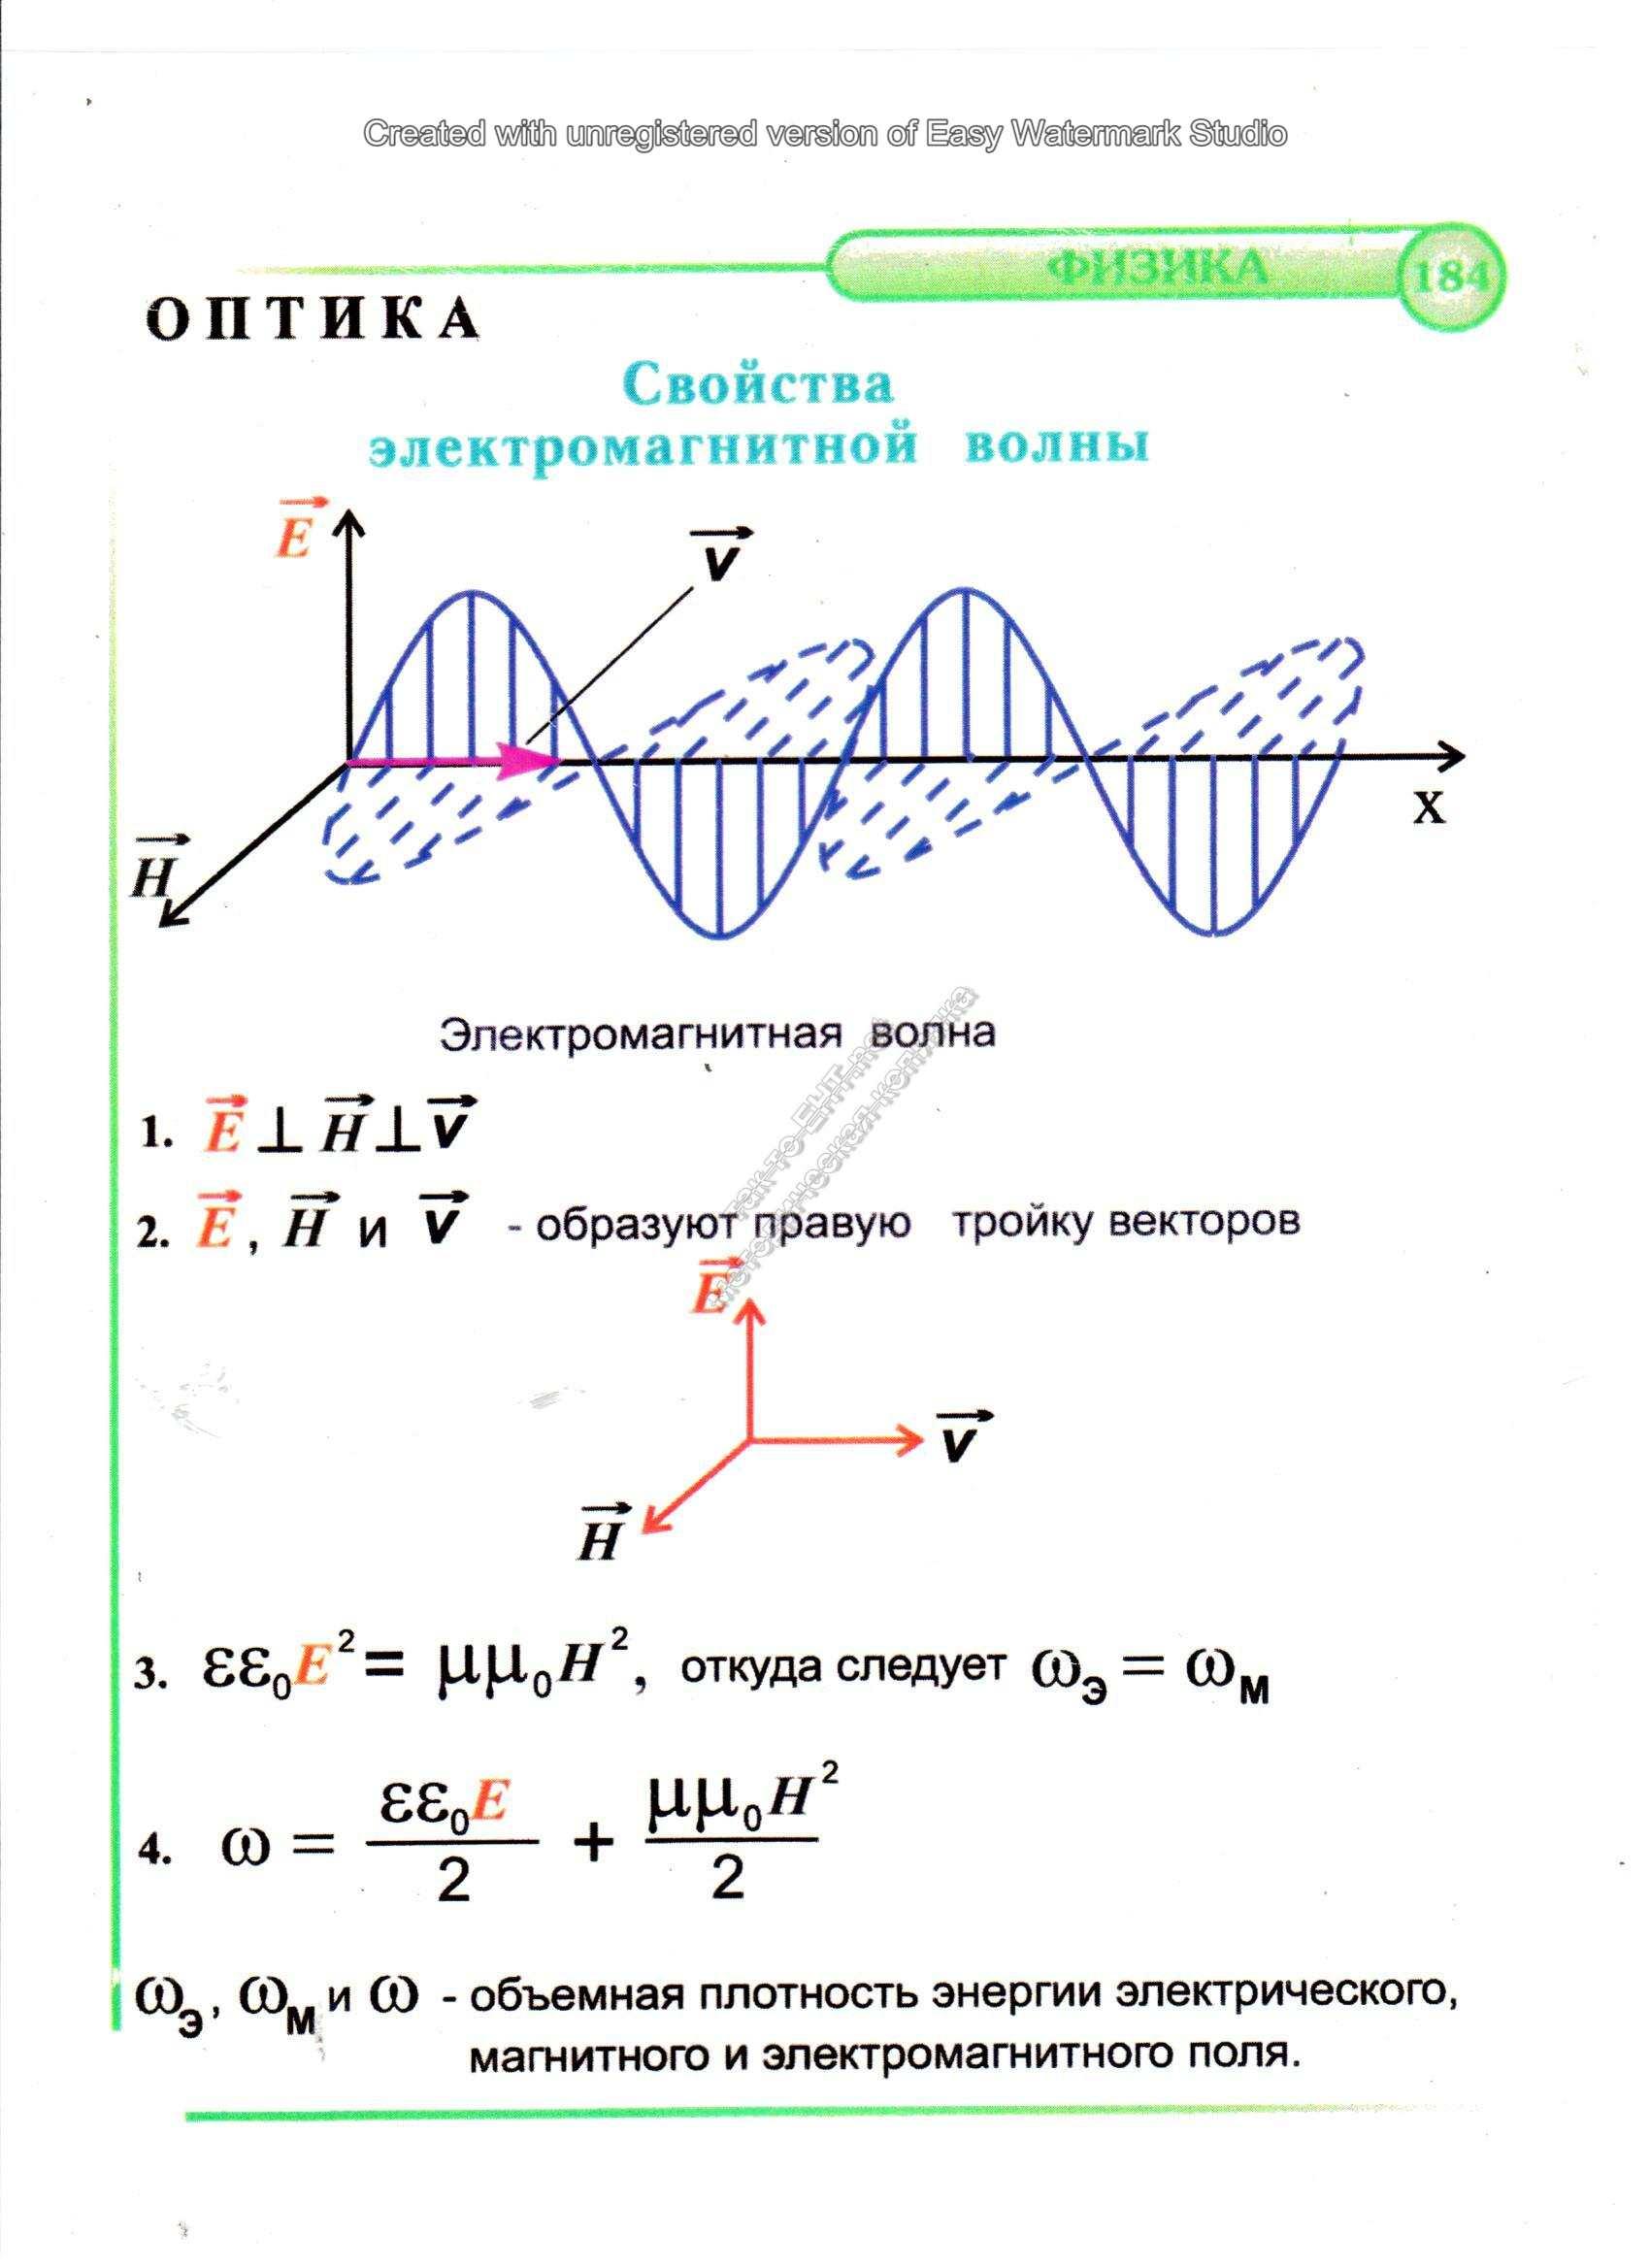 Свойства электромагнитной волны